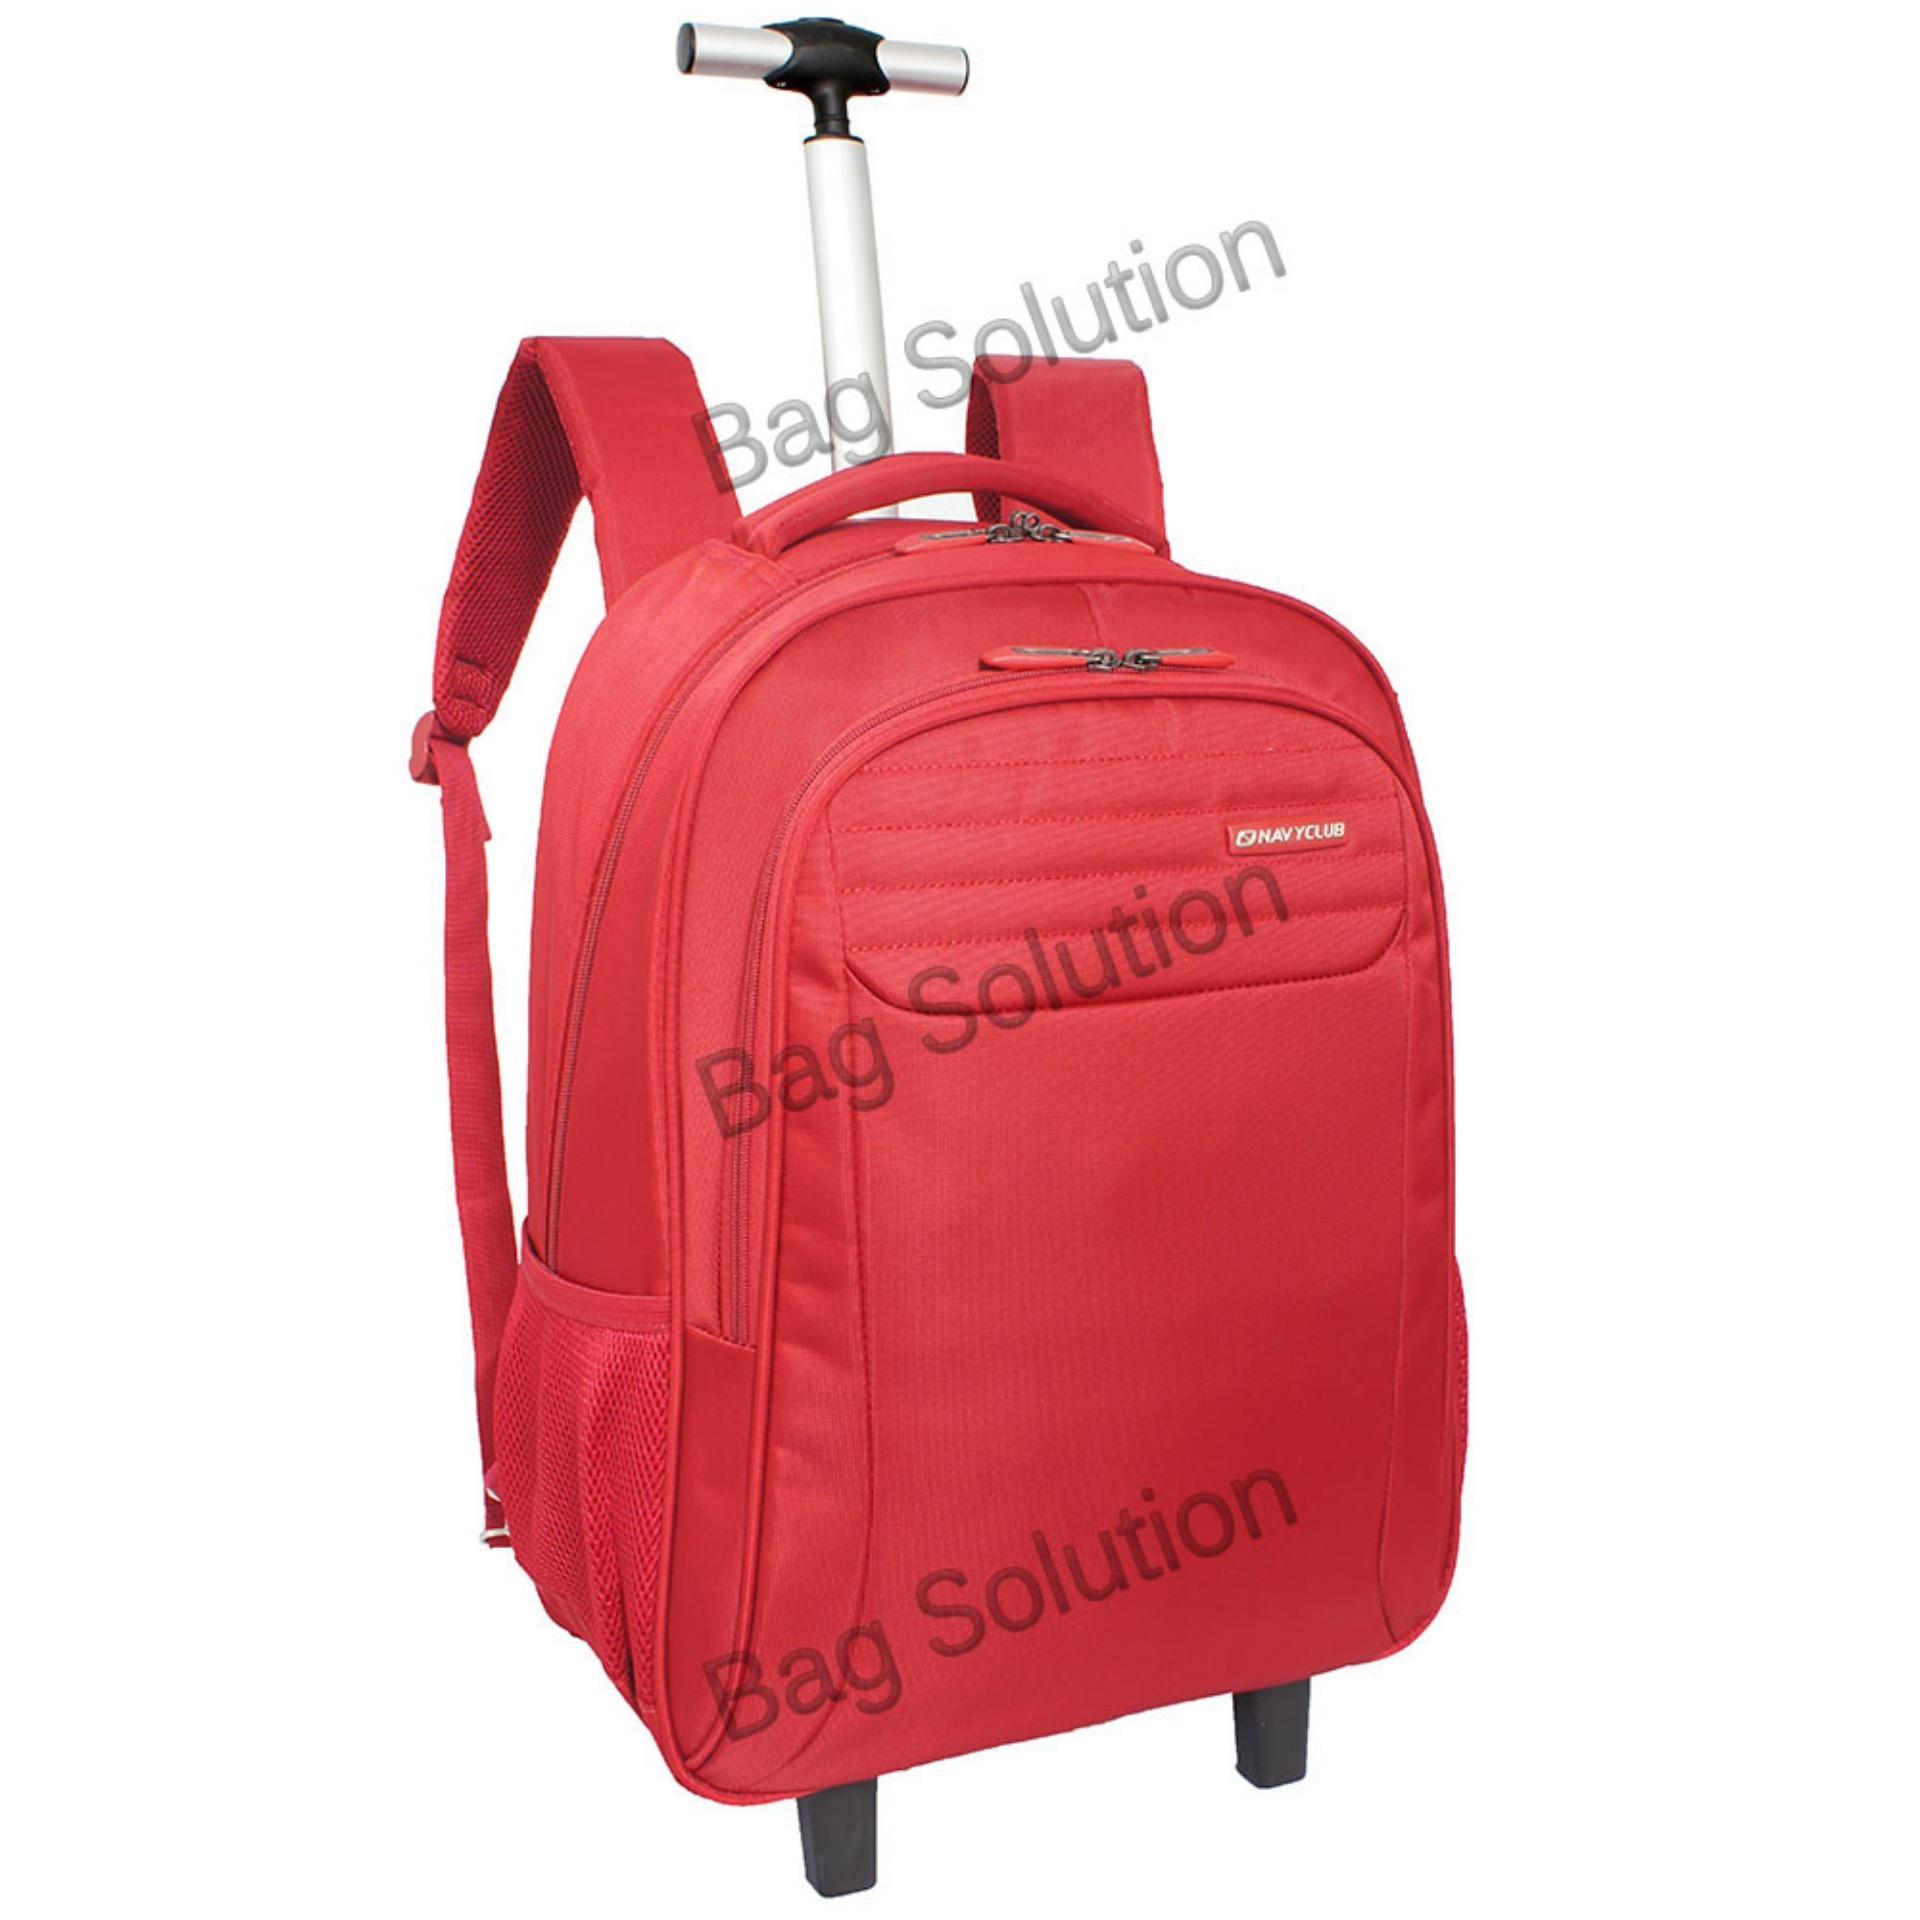 Jual Navy Club New Arrival Tas Laptop Backpack Ransel Trolley Travel Tahan Air Tas Pria Tas Wanita Tr 39 Merah Navy Club